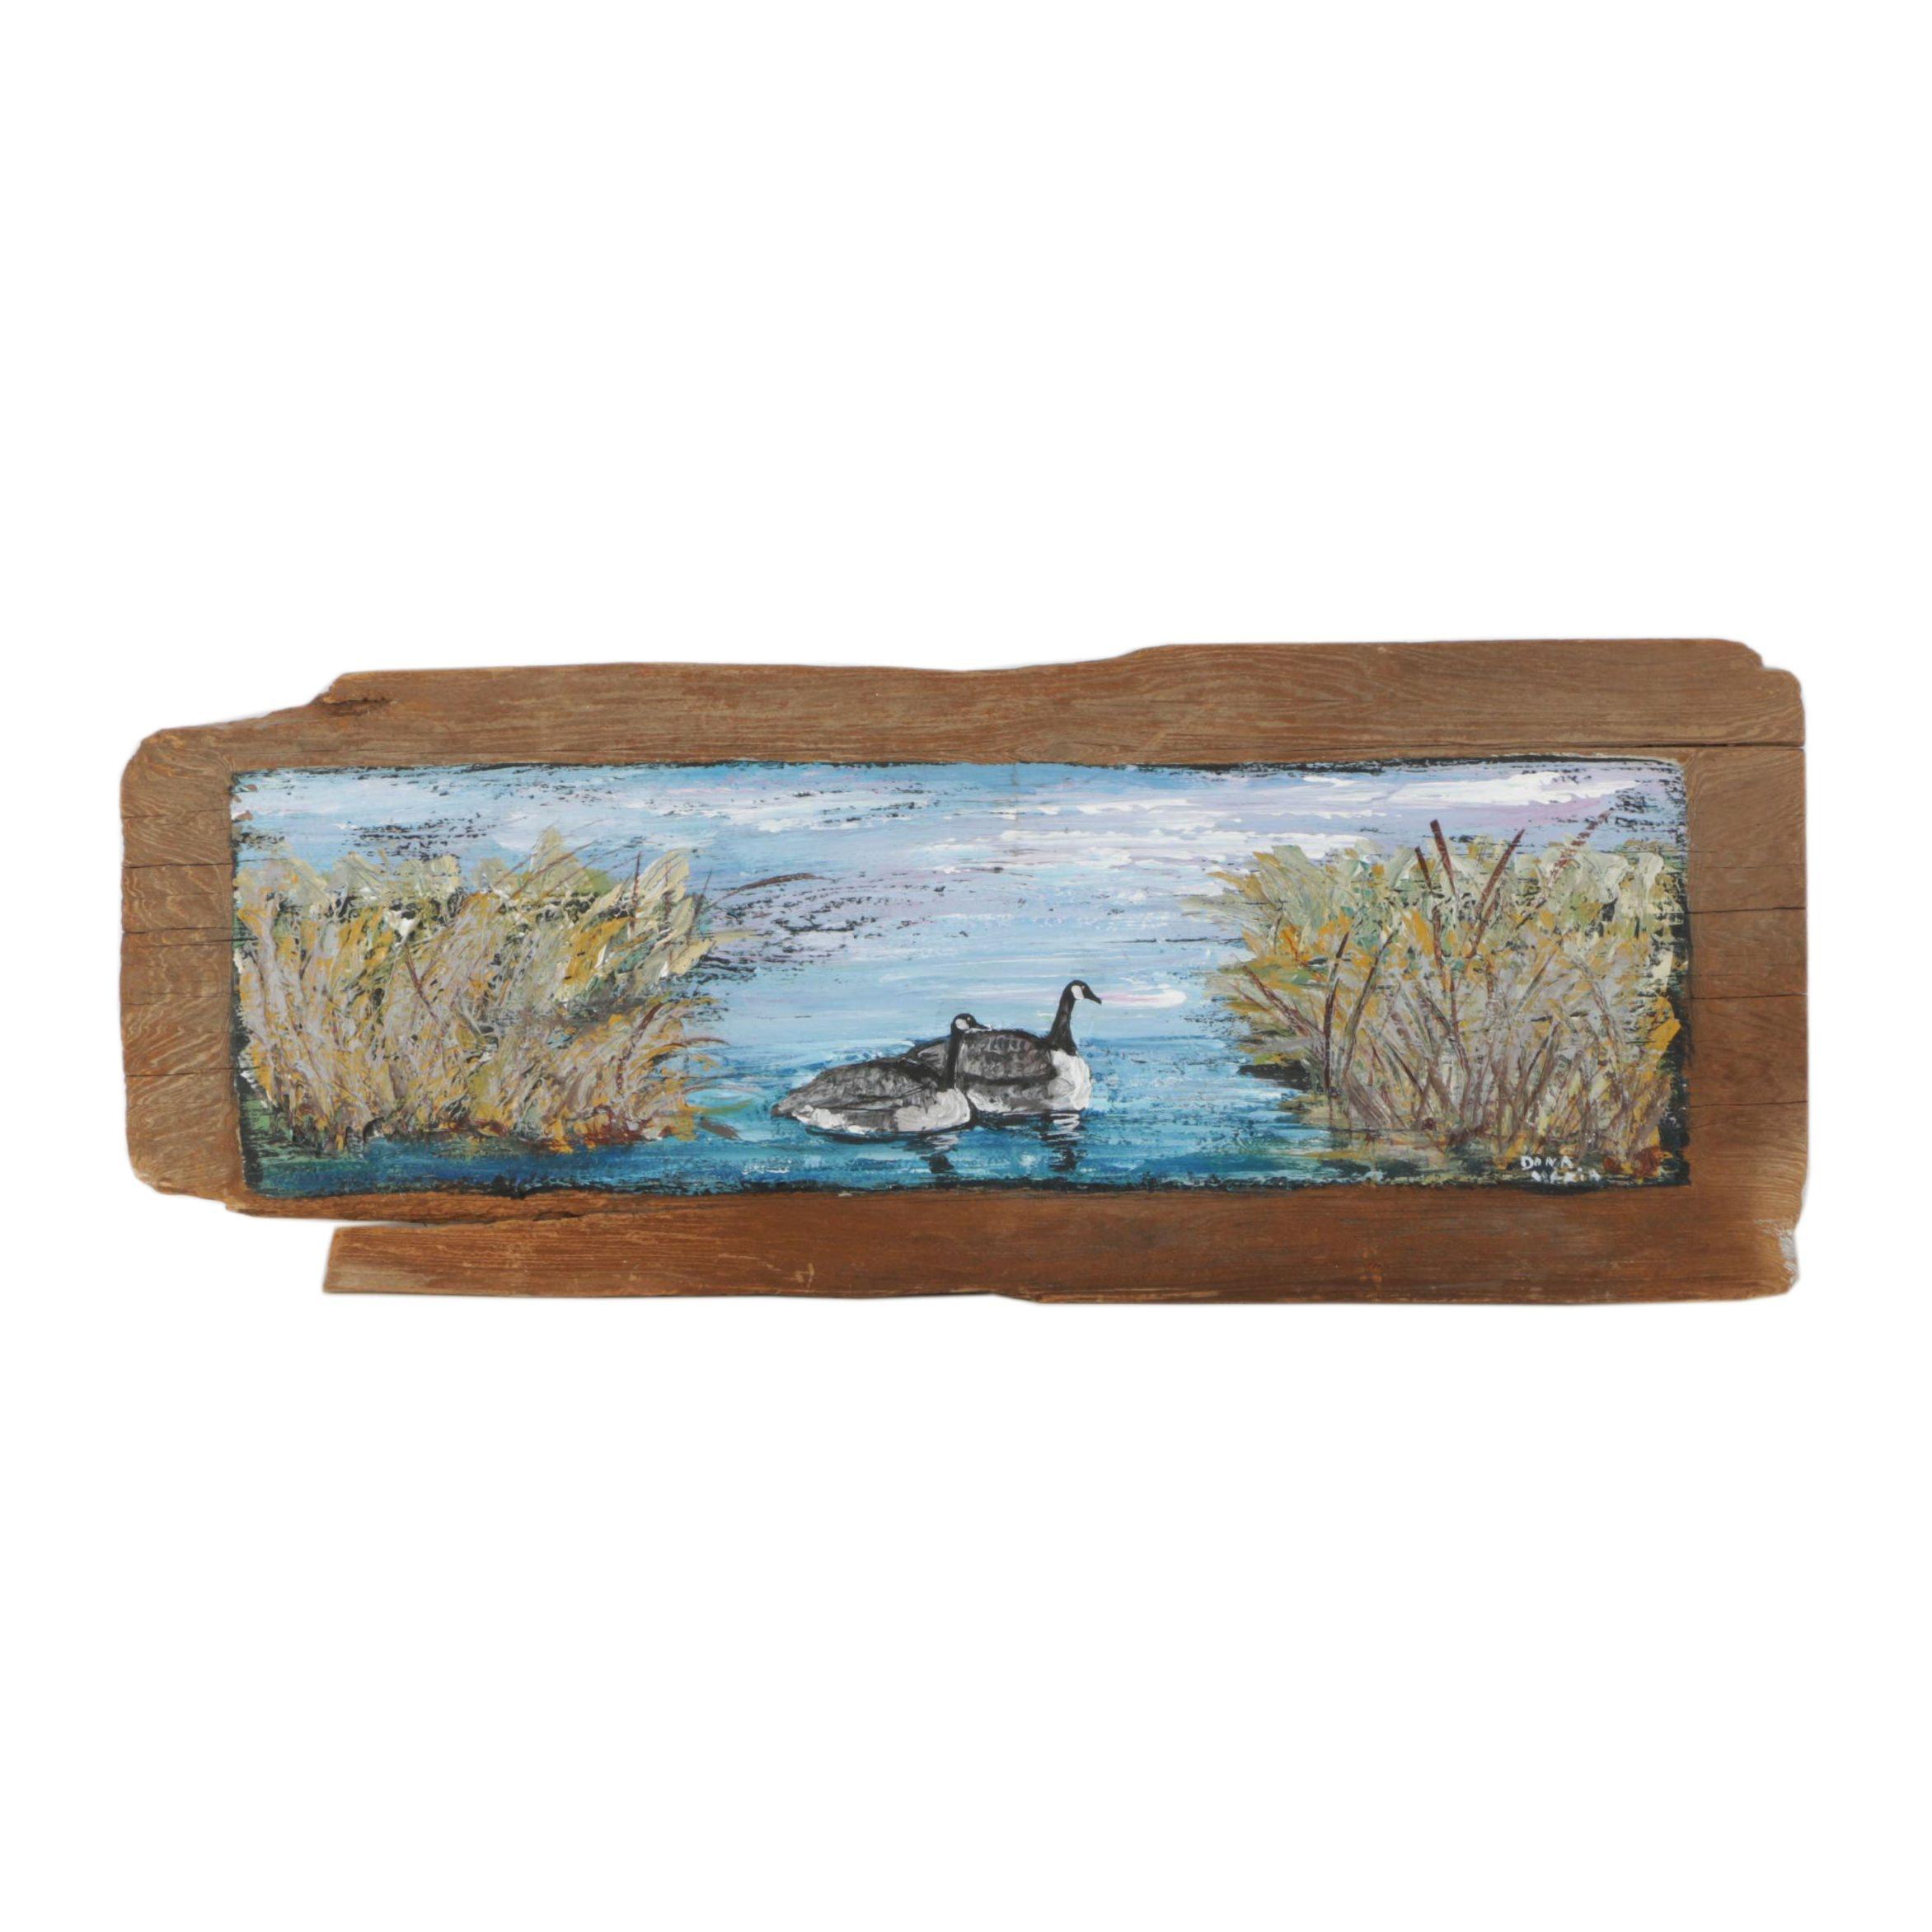 Dana Maria Oil Painting on Wood Plank